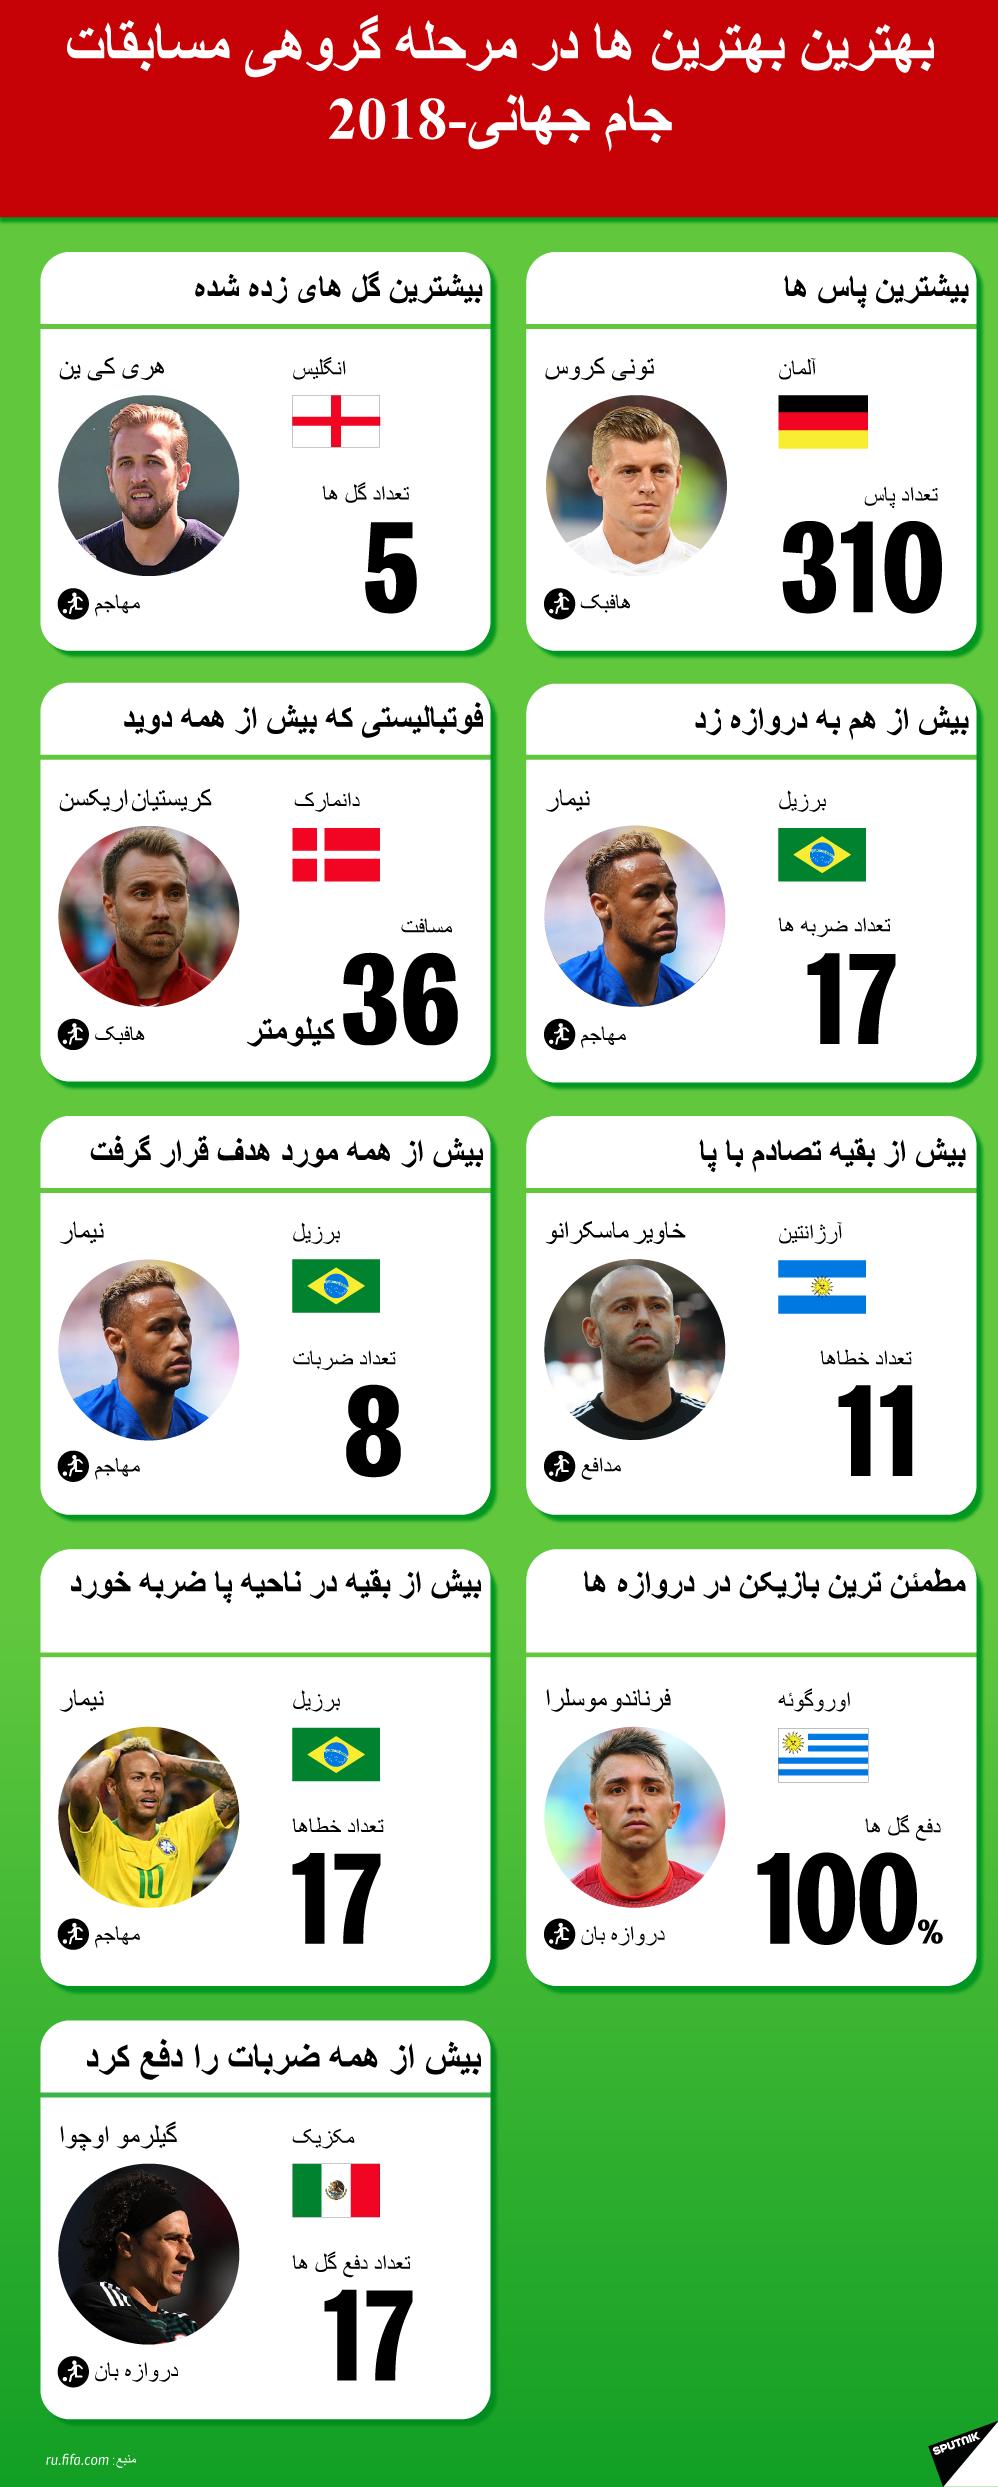 رکوردهای مرحله گروهی مسابقات جام جهانی